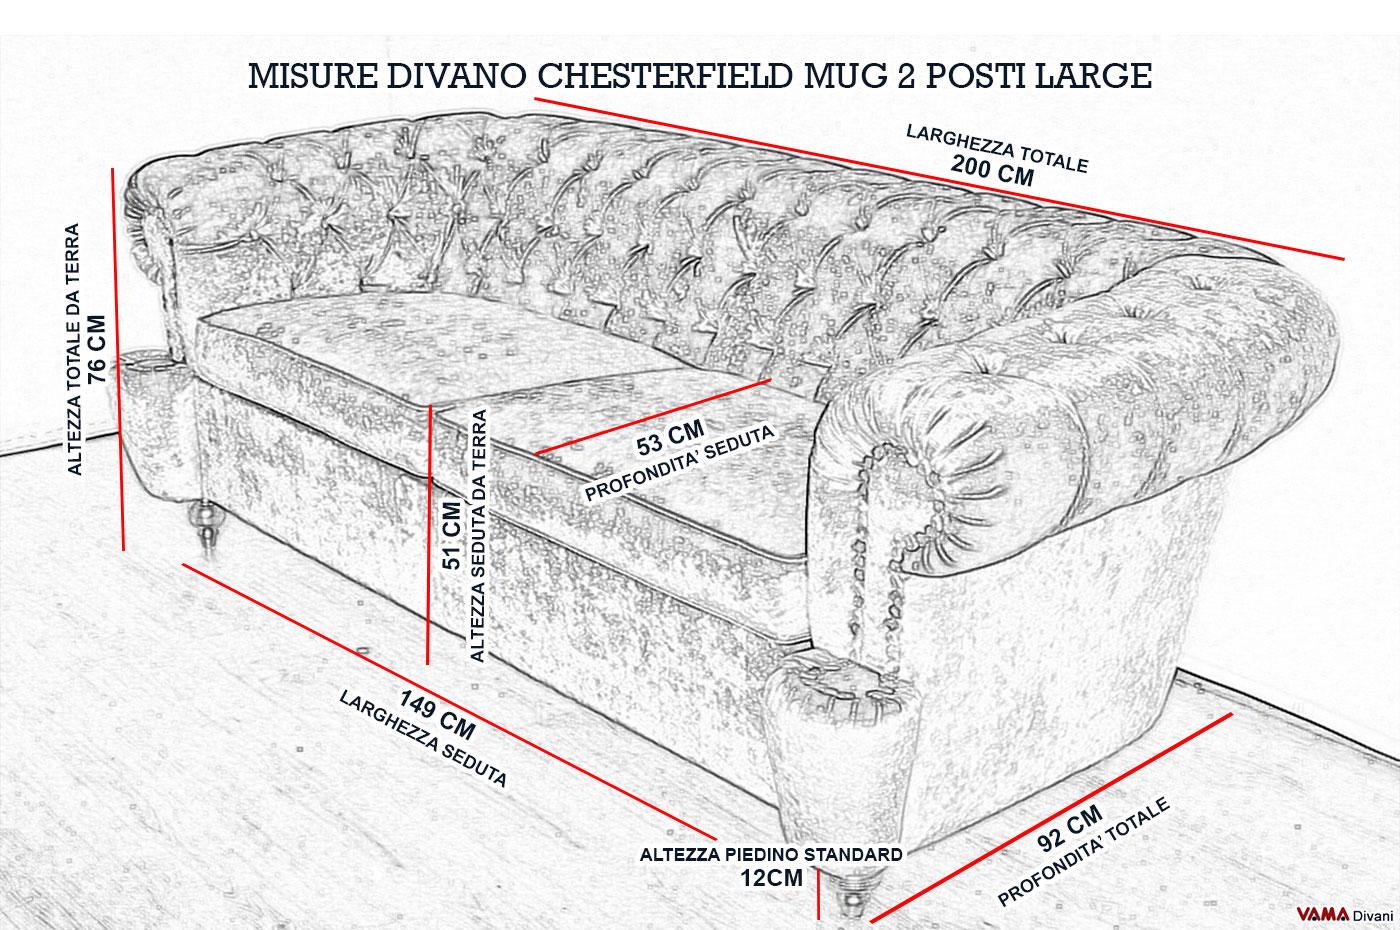 Divano chesterfield con bullette ricoperte in pelle - Misure divano al ...